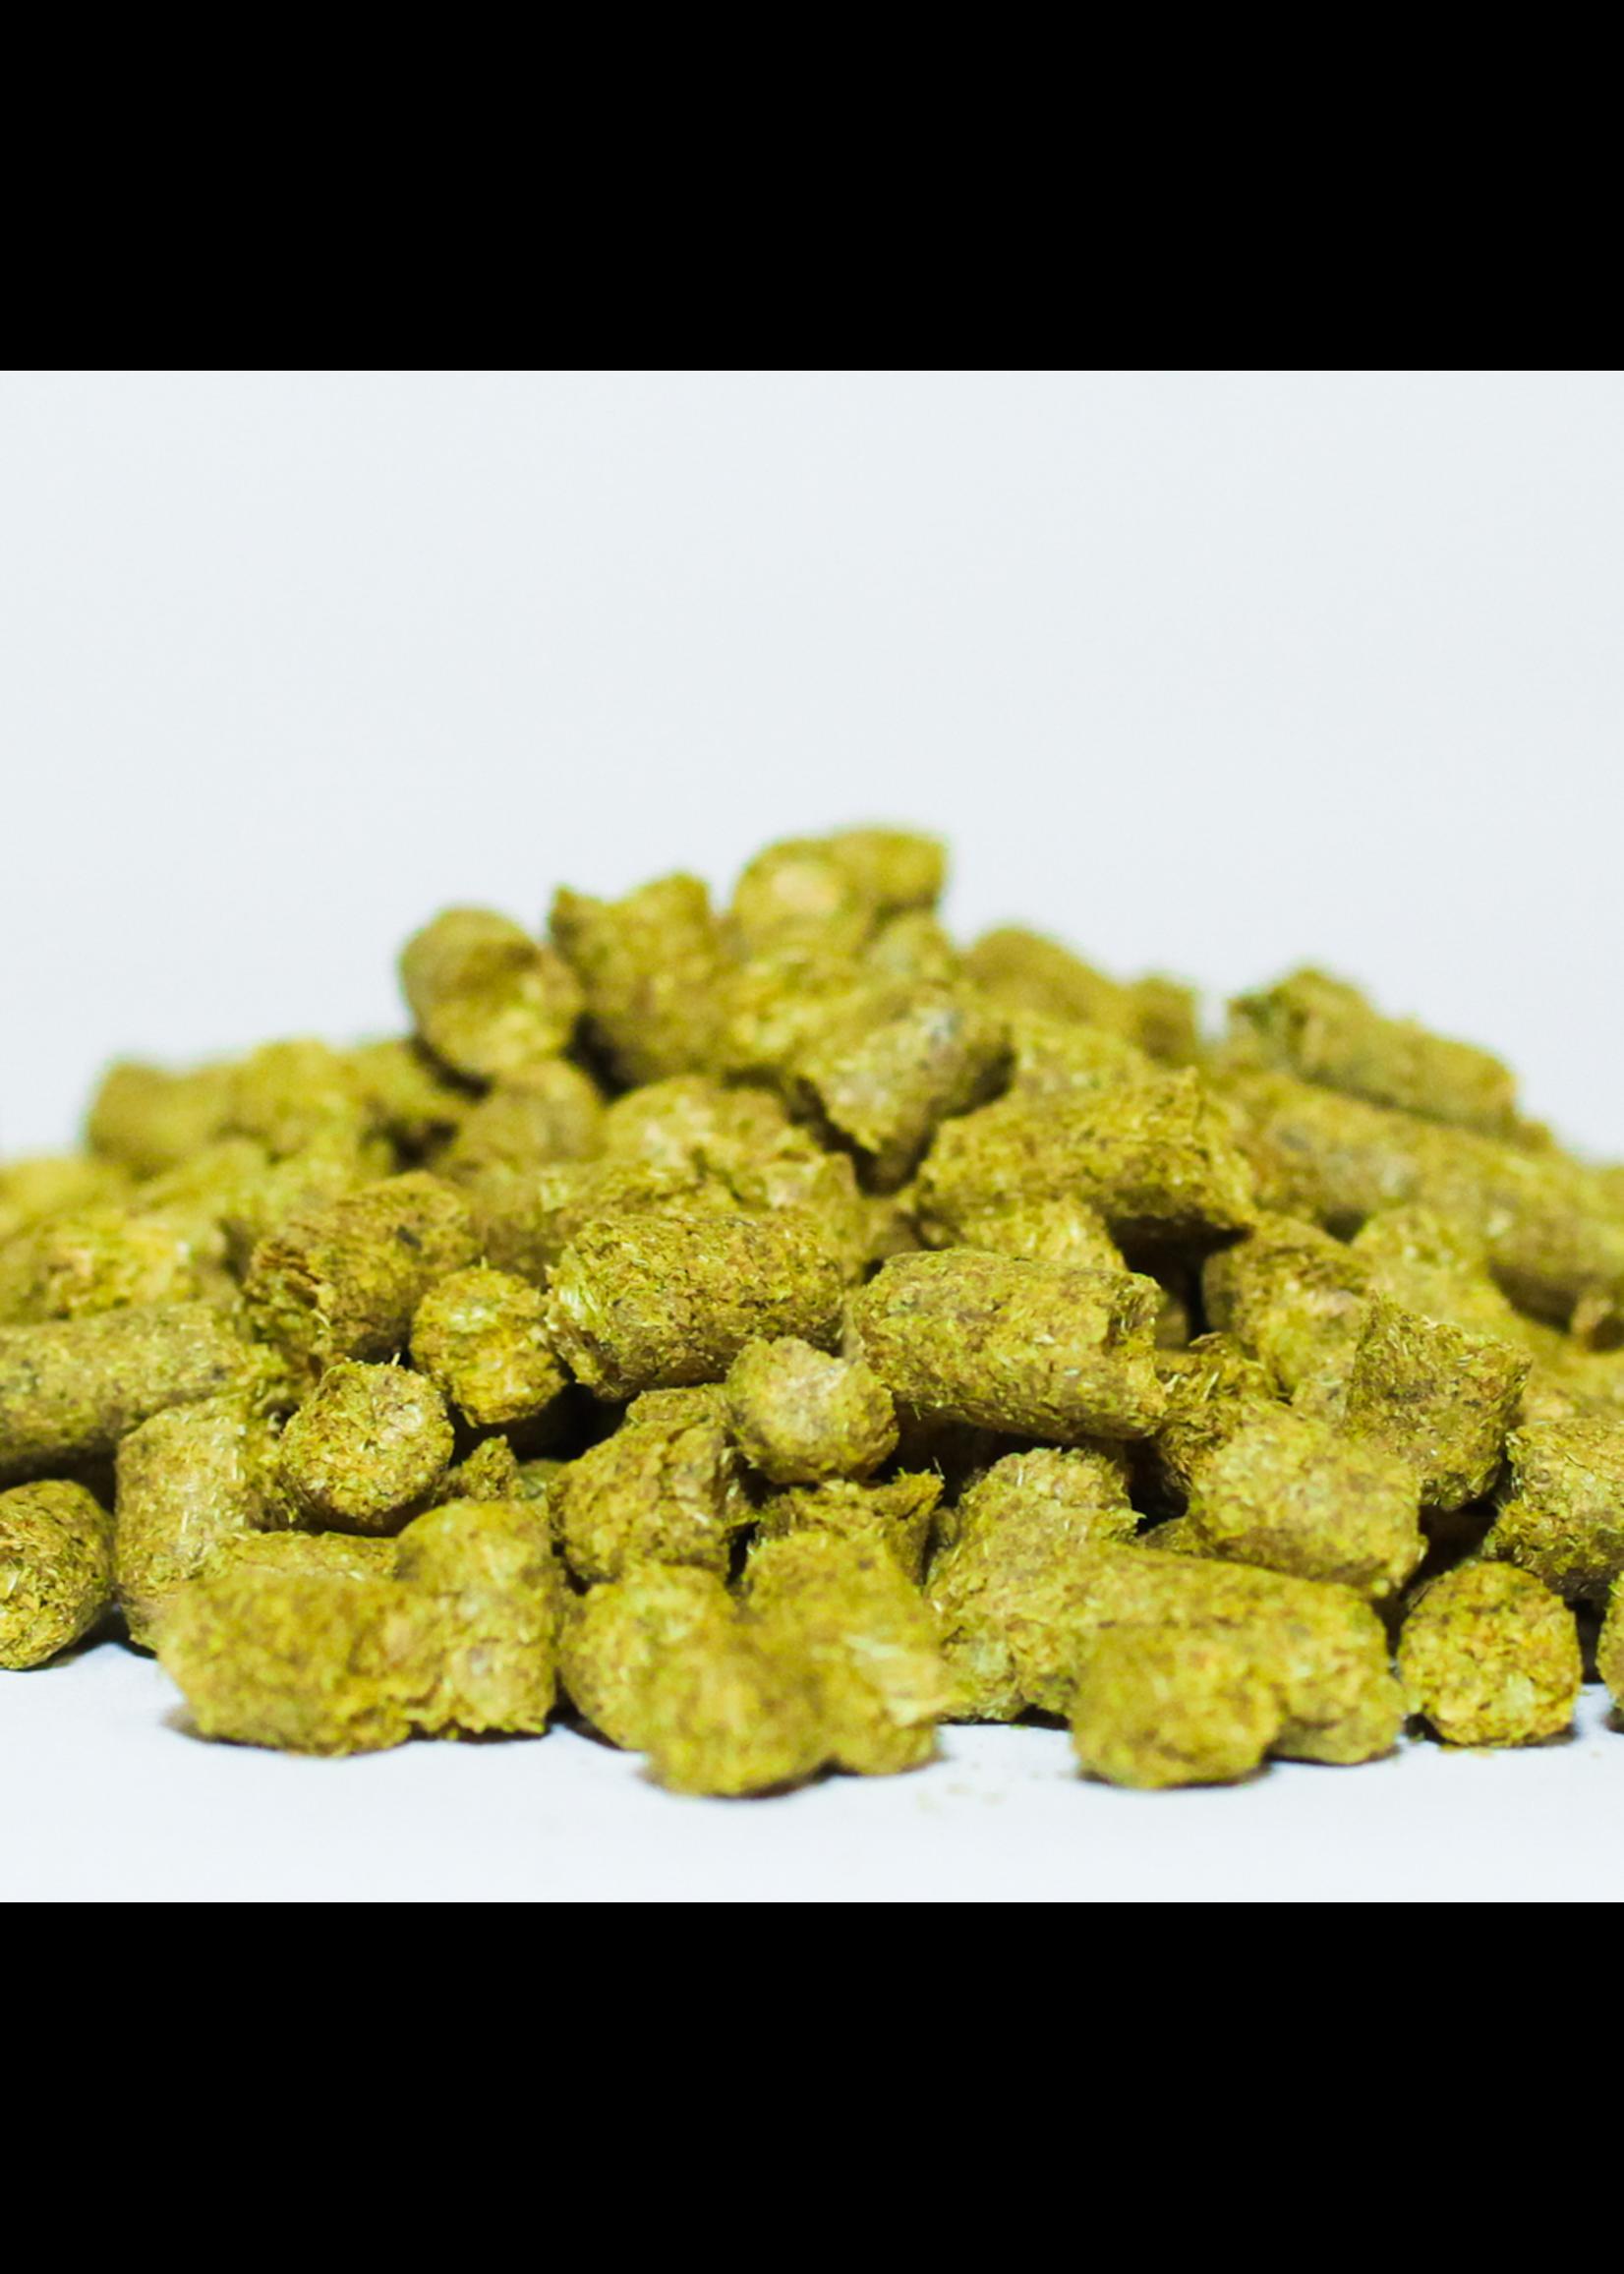 Hops Cluster Hops (US) - Pellets - 1 oz